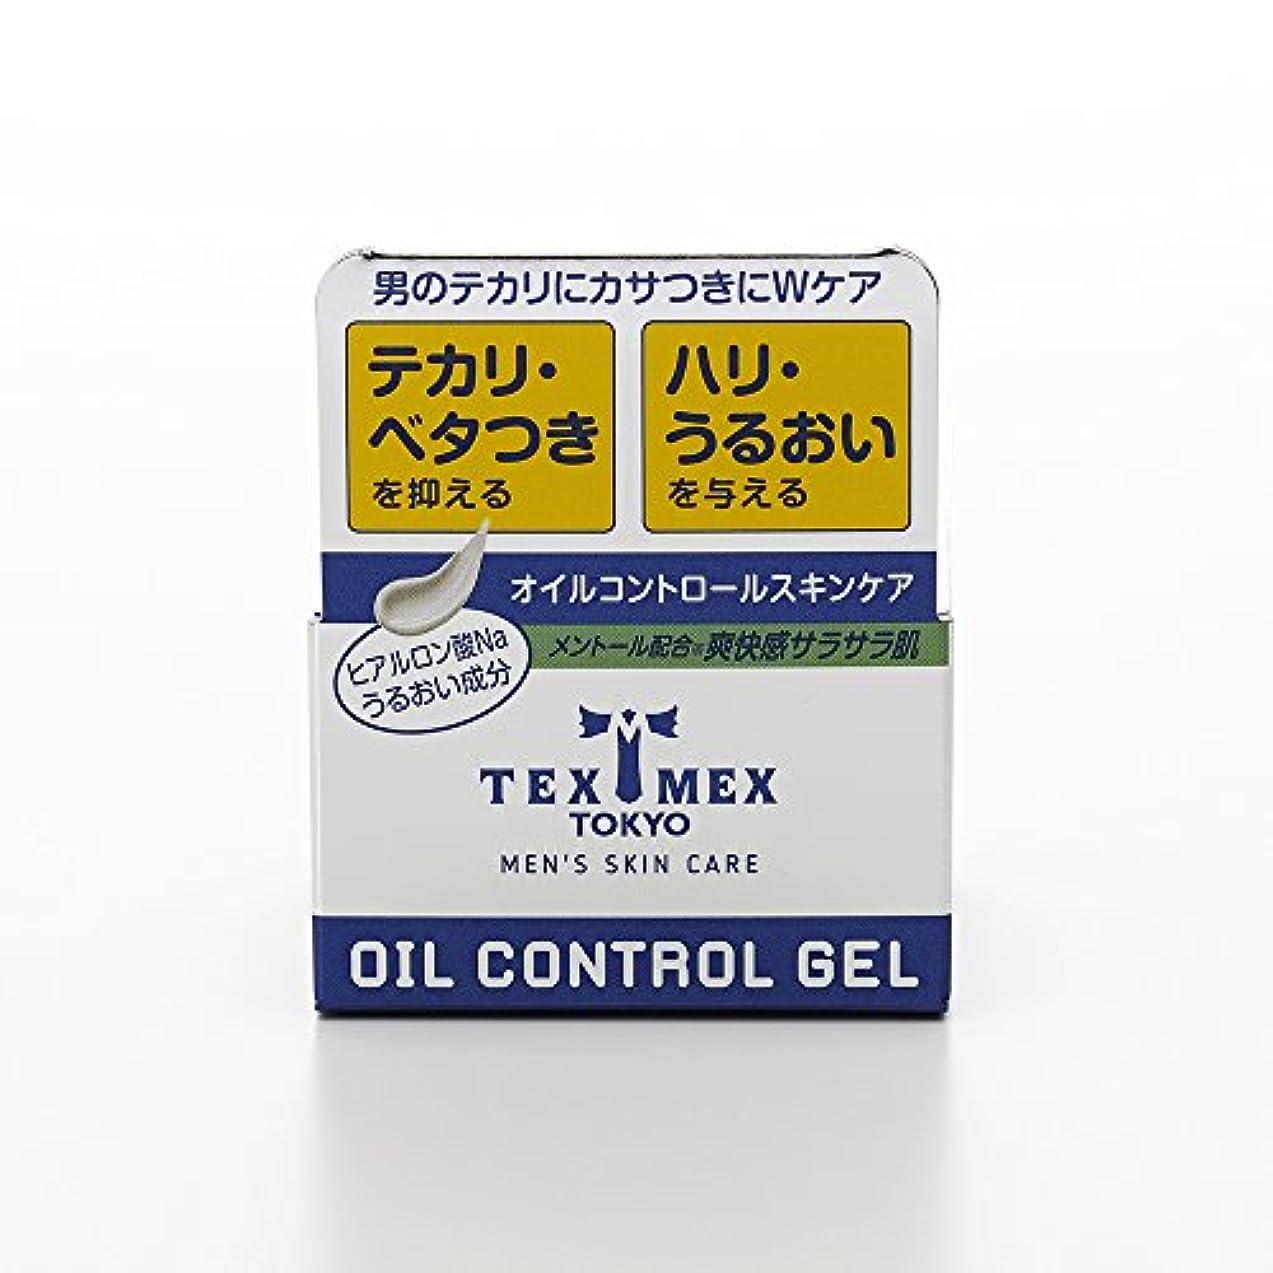 水族館生きているサワーテックスメックス オイルコントロールジェル 24g (テカリ防止ジェル) 【塗るだけでサラサラ肌に】